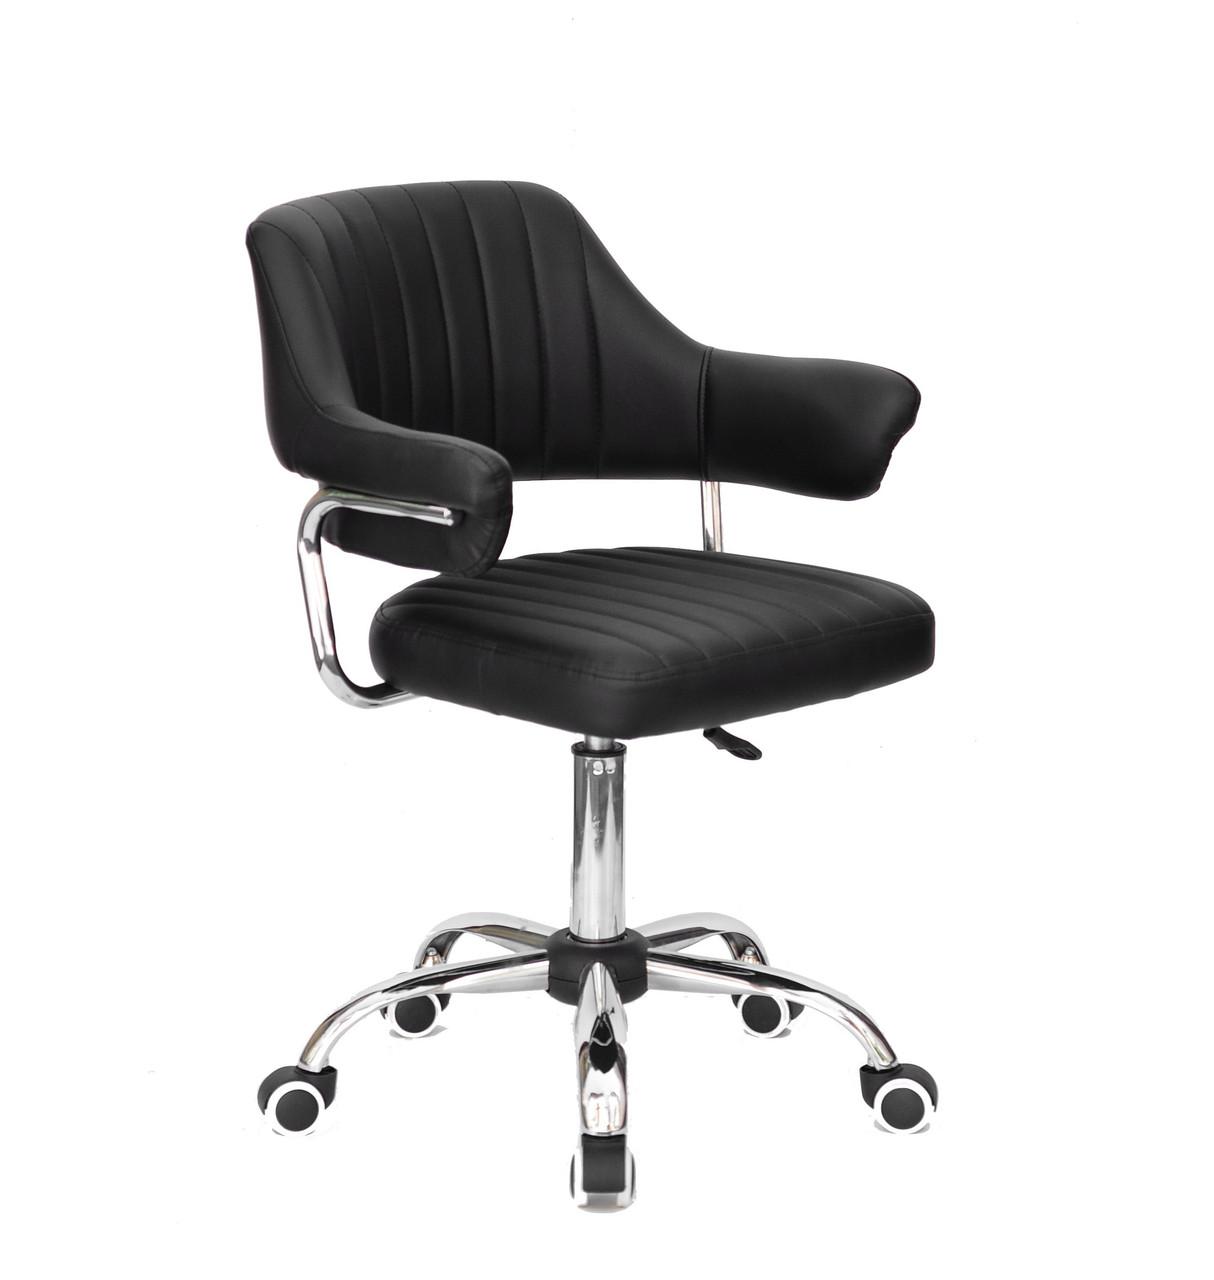 Кресло мастера Джеф JEFF CH - OFFICE черная экокожа, на колесах